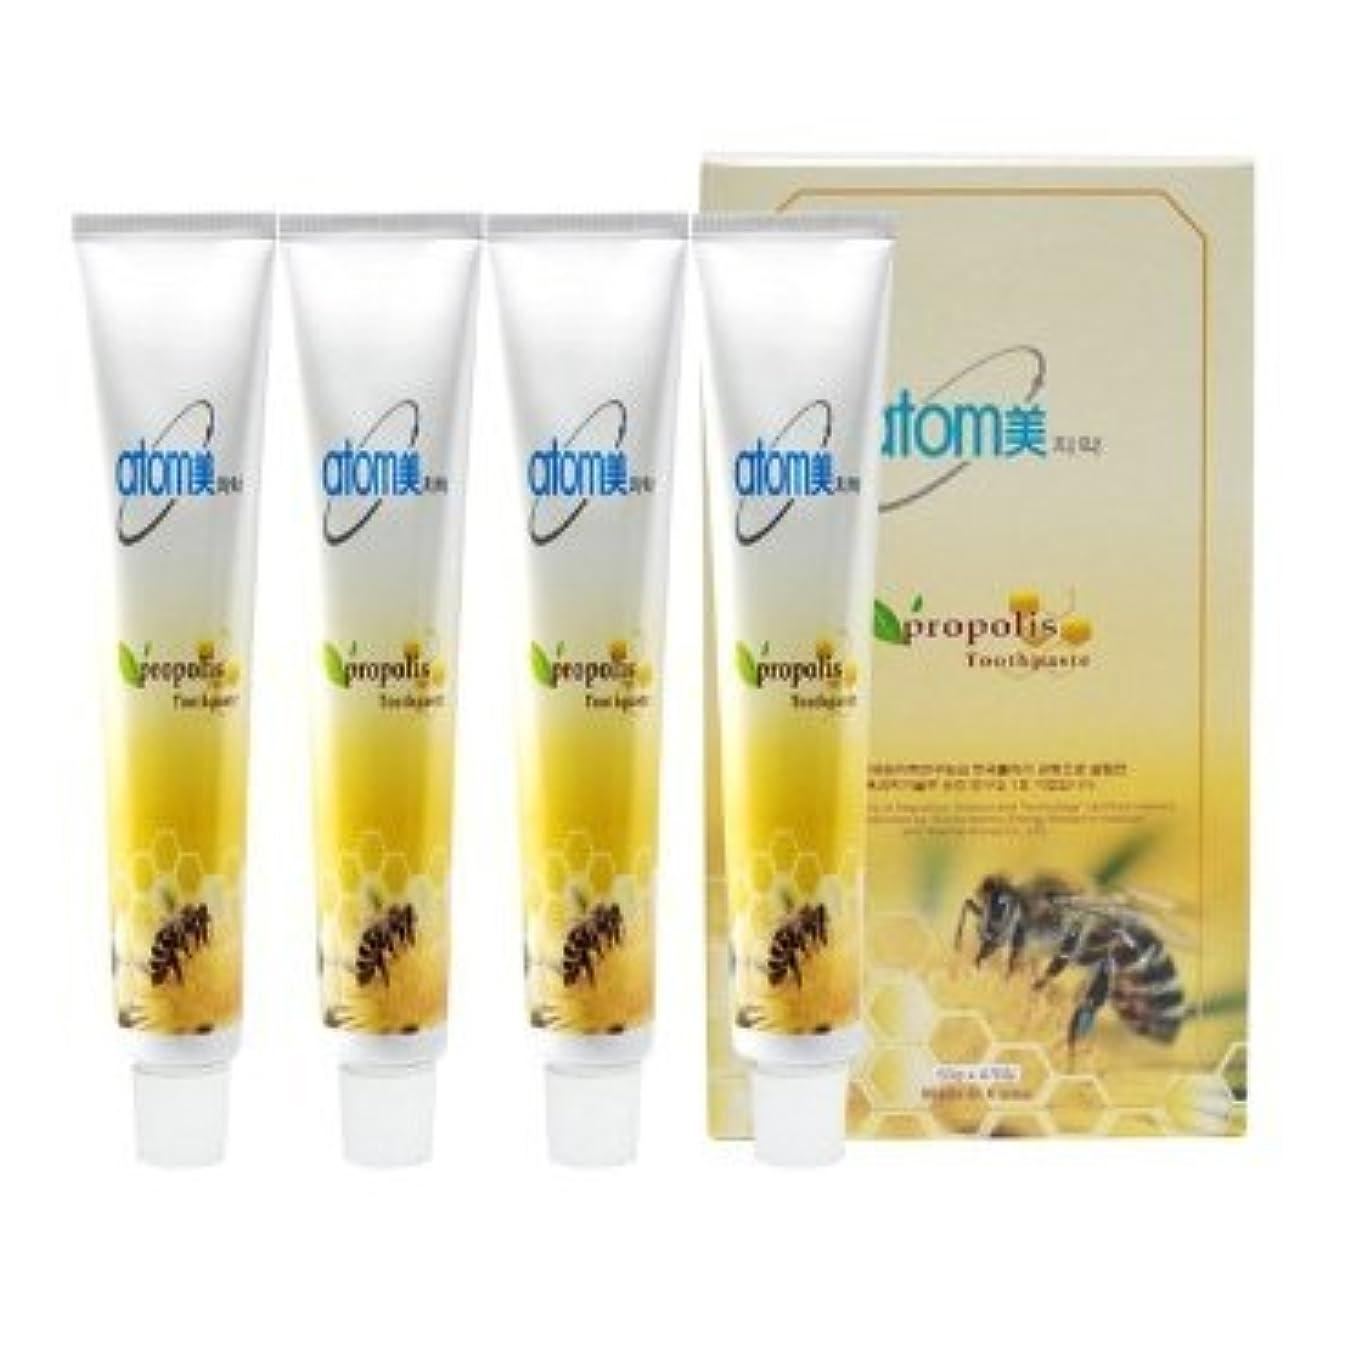 財産普遍的な芽アトミ化粧品 アトミ 歯ミガキ (歯磨き粉) 50g 4本セット 並行輸入品